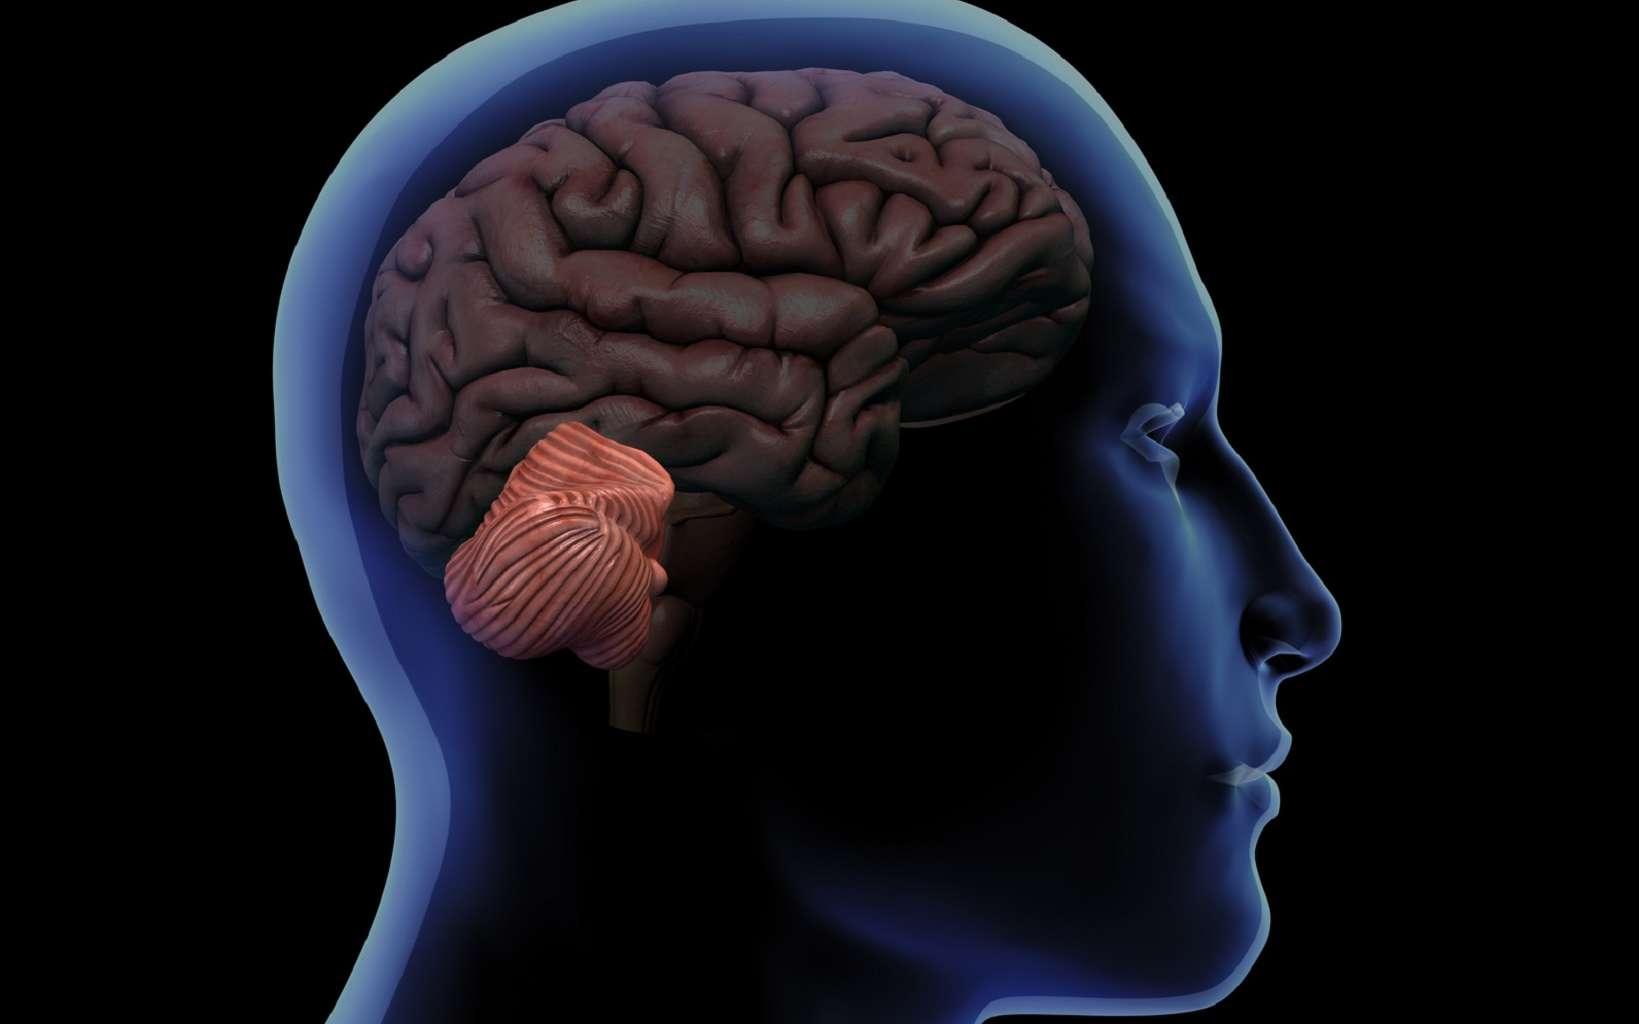 Le cervelet se trouve à l'arrière de l'encéphale. © HANK GREBE, Fotolia